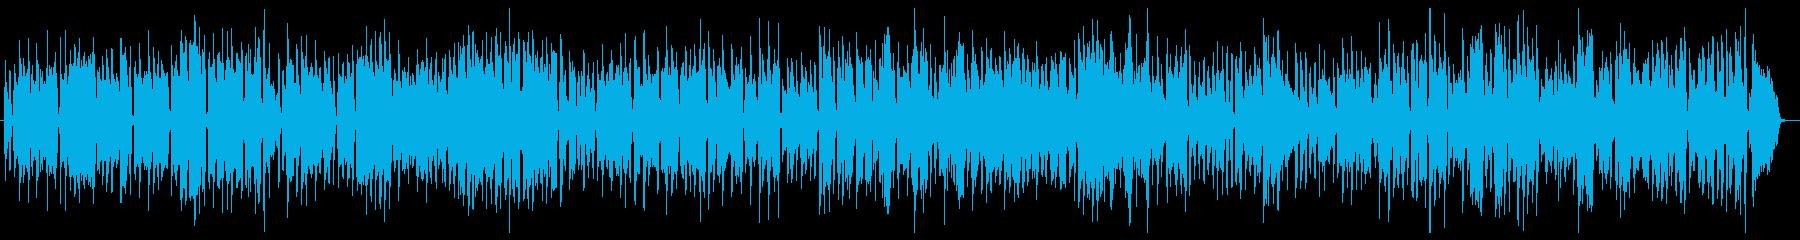 爽やか穏やか、青空や海ビッグバンドジャズの再生済みの波形